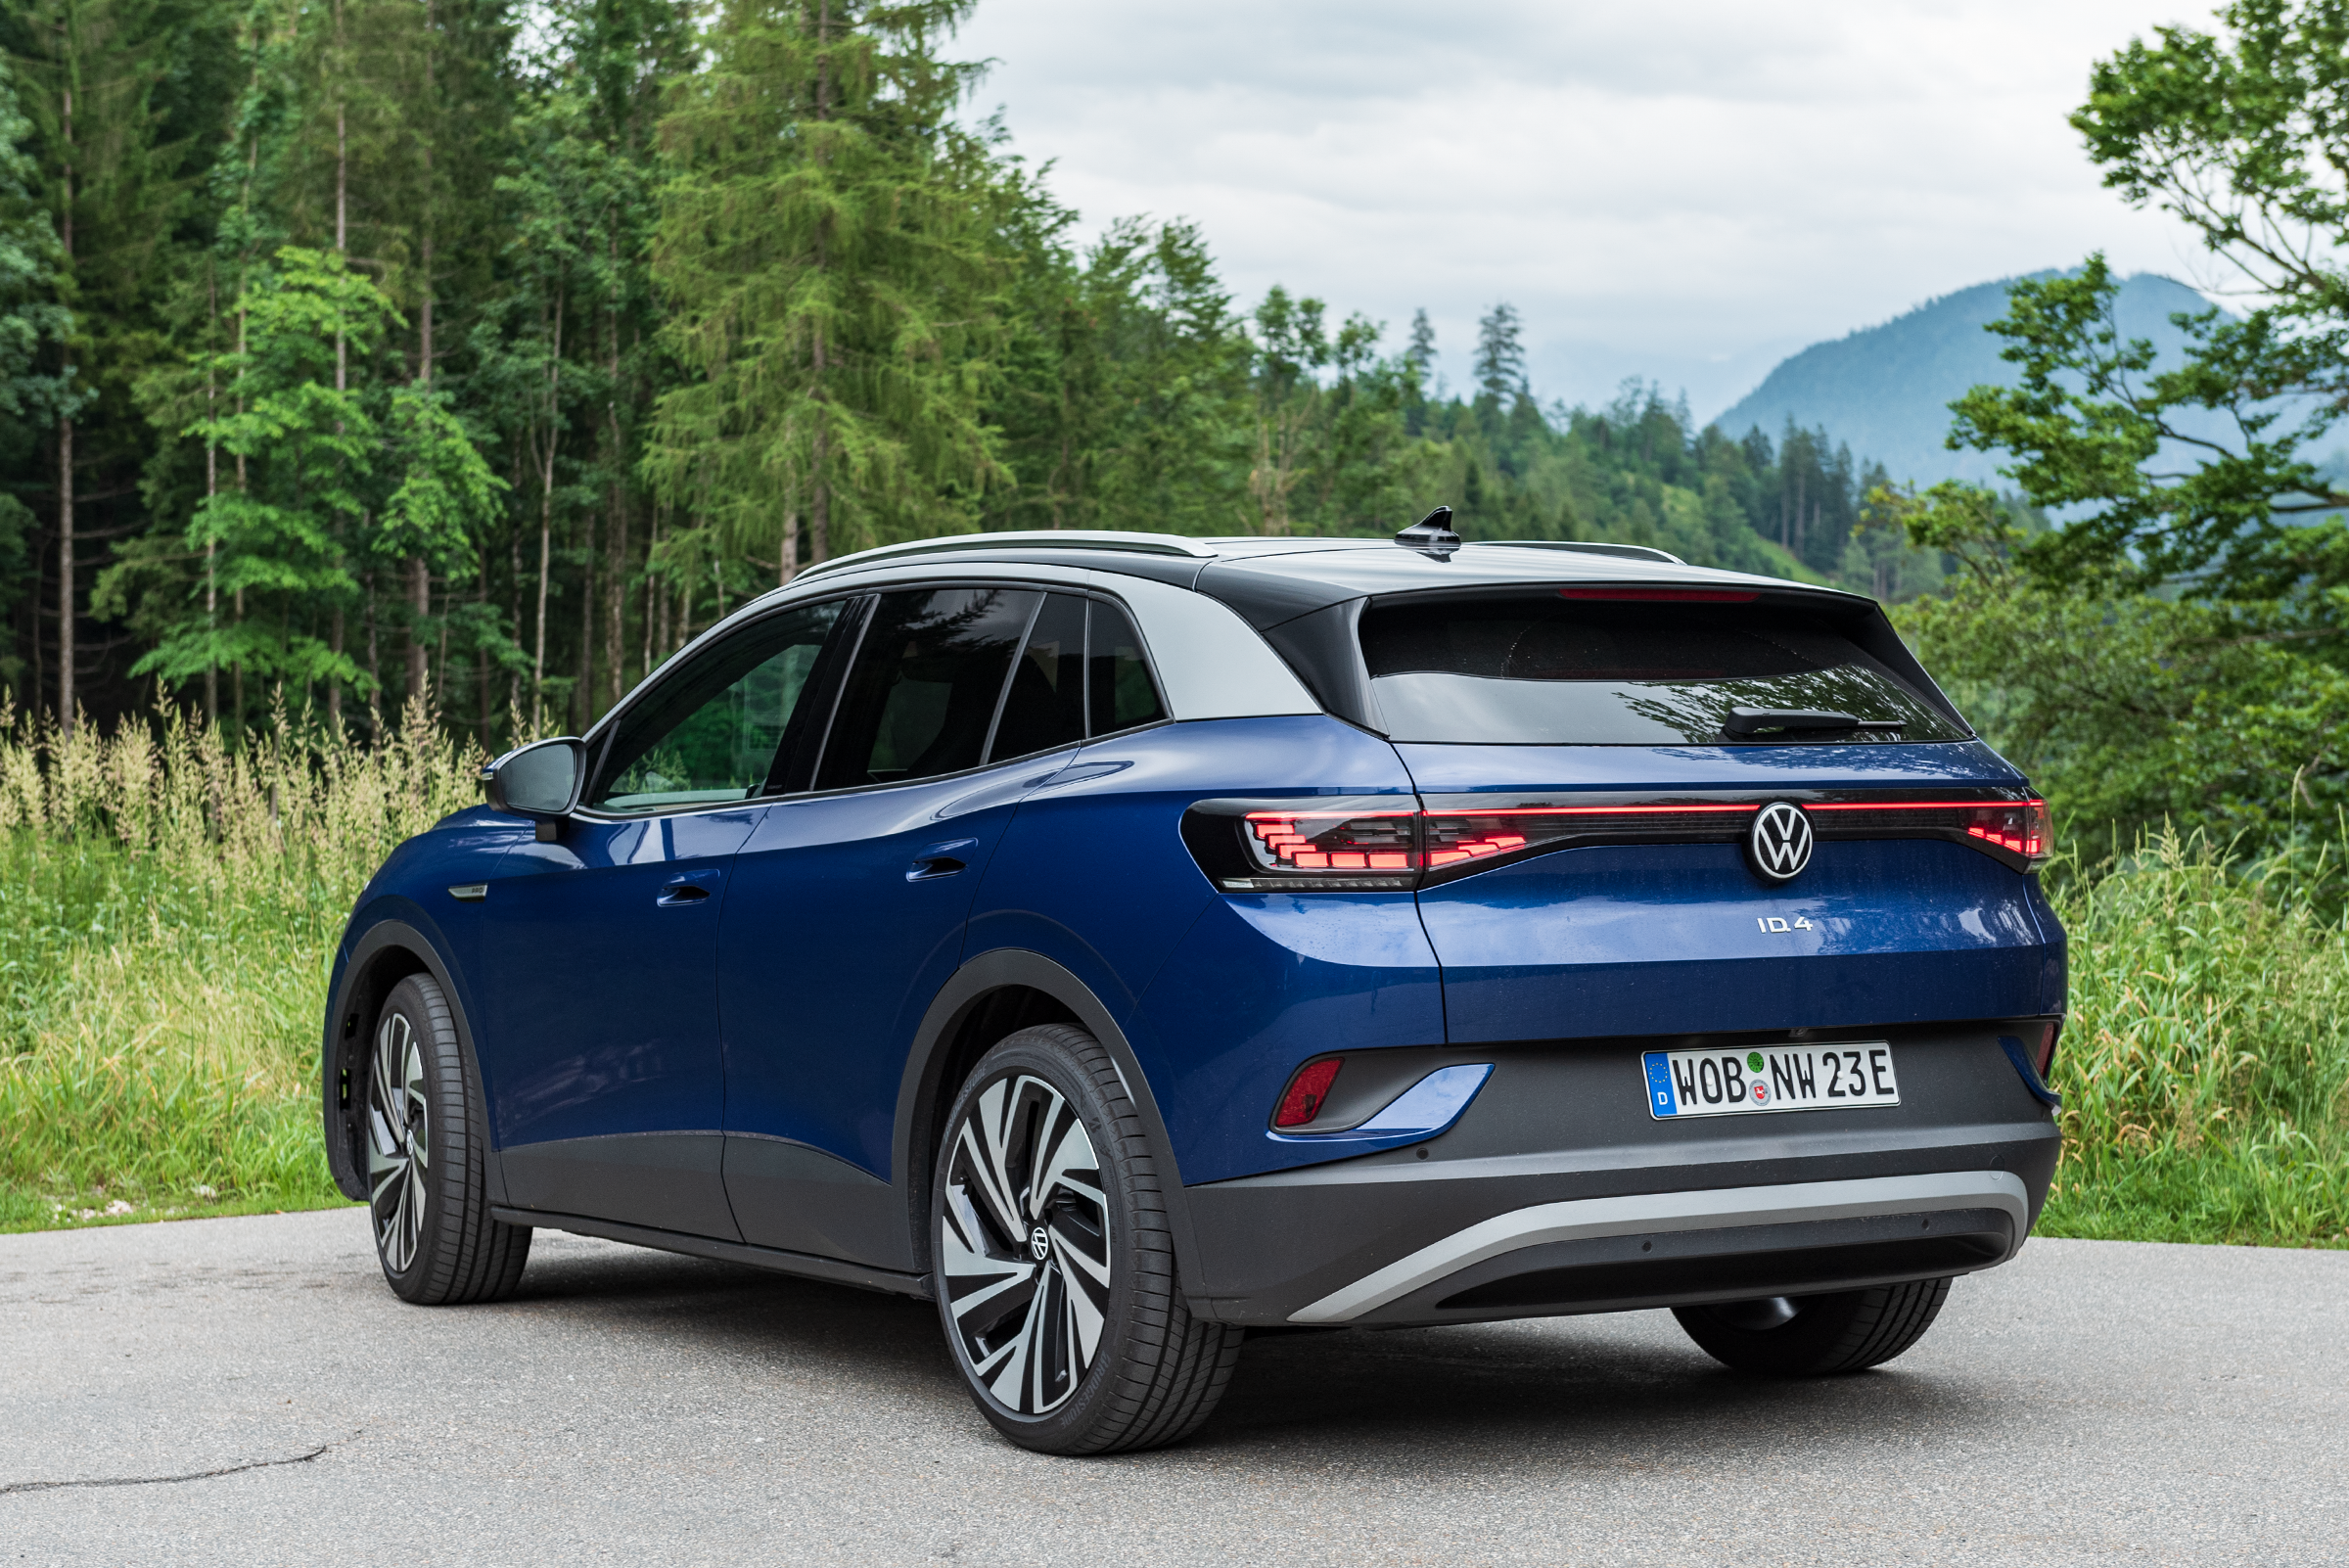 VW-ID.4-2021-Rear-Side